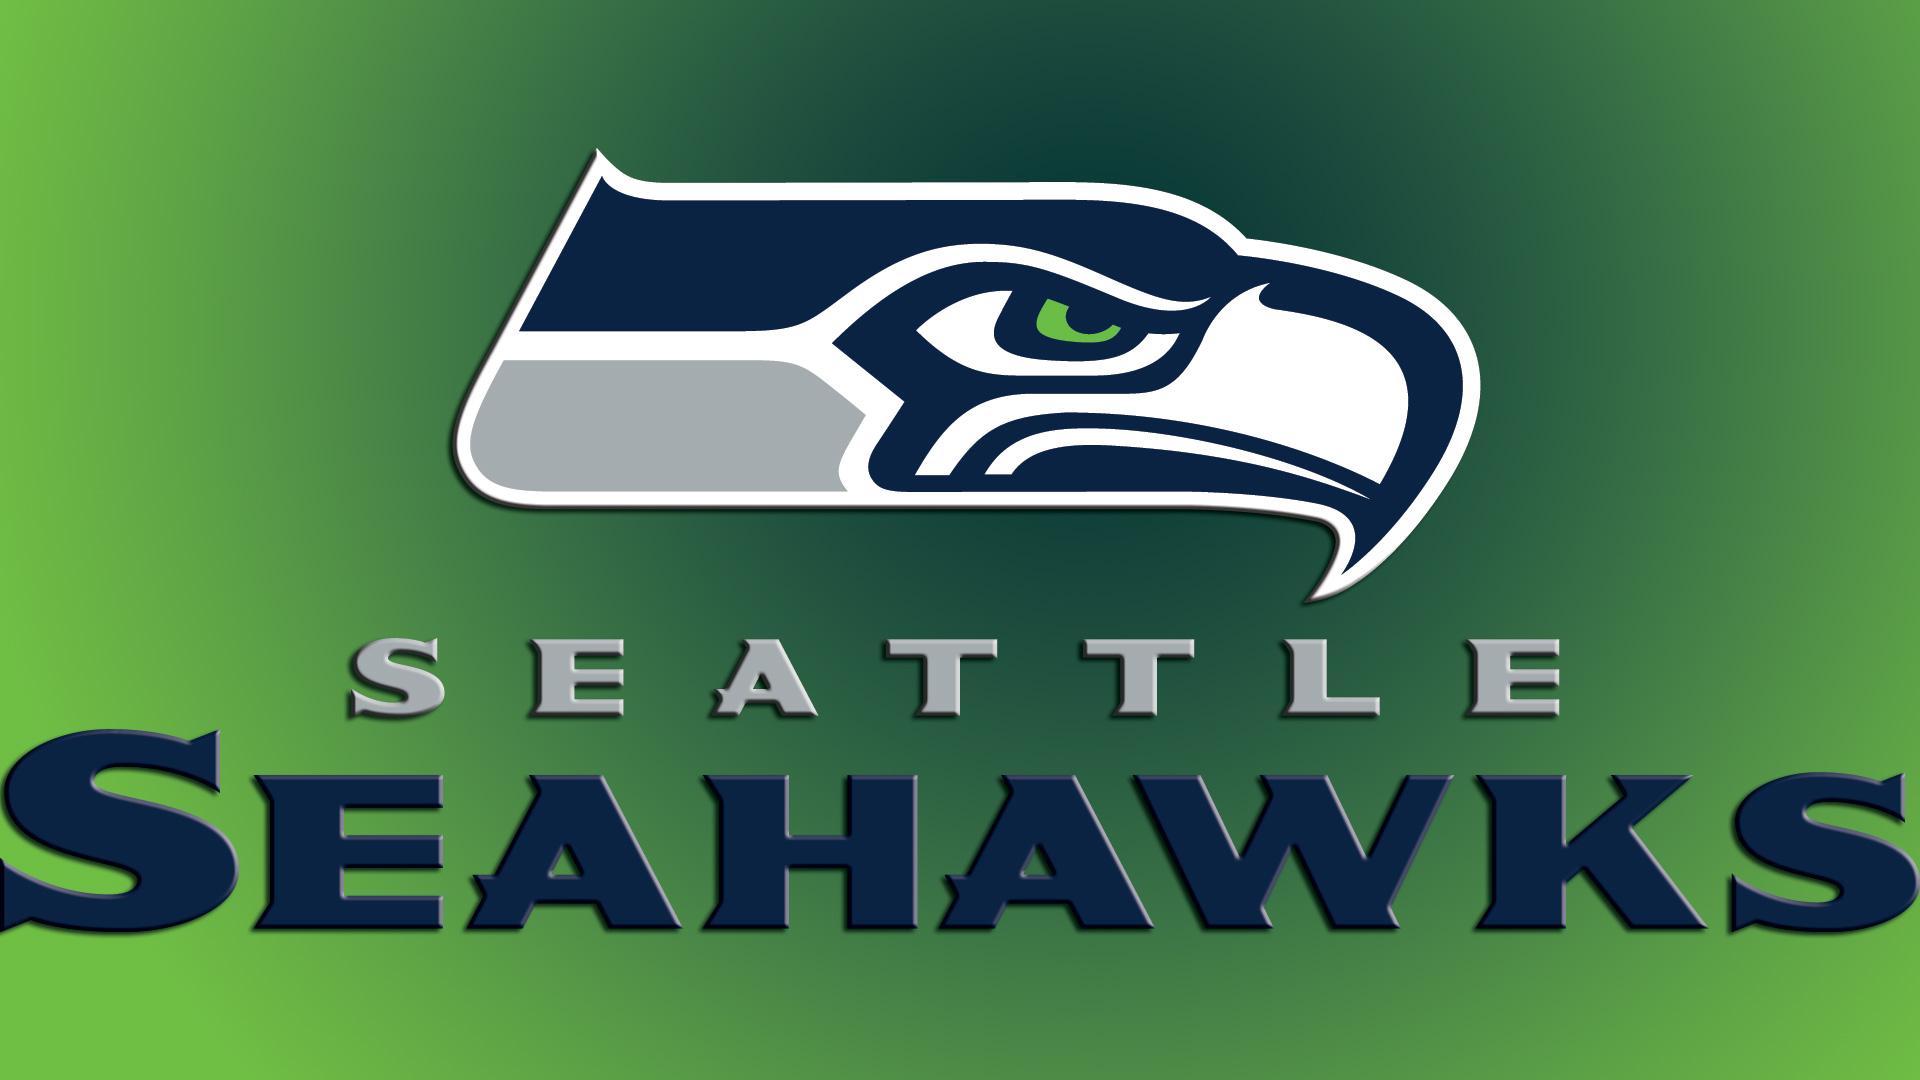 seahawks desktop wallpaper 2014